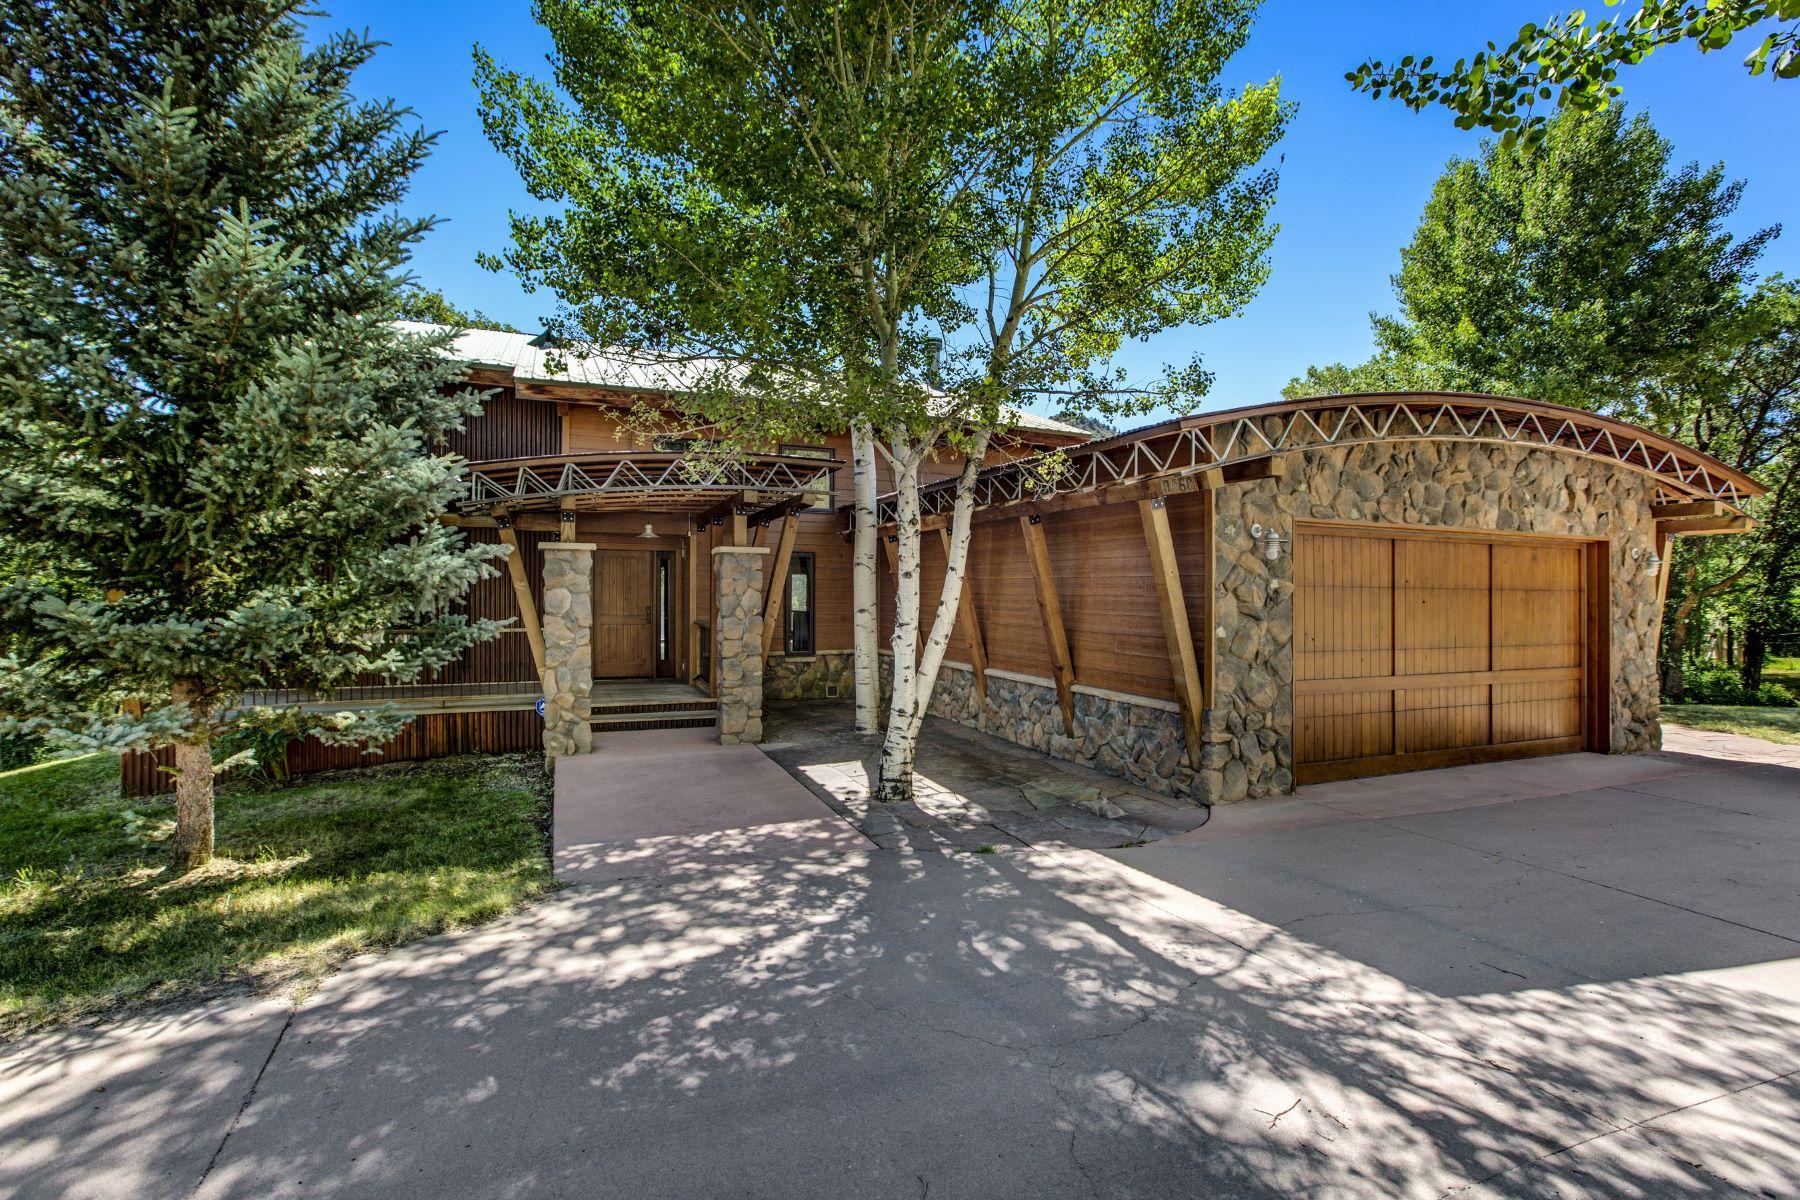 Casa Unifamiliar por un Venta en Colorado Mountain Home 0060 County Road 149 Glenwood Springs, Colorado 81601 Estados Unidos